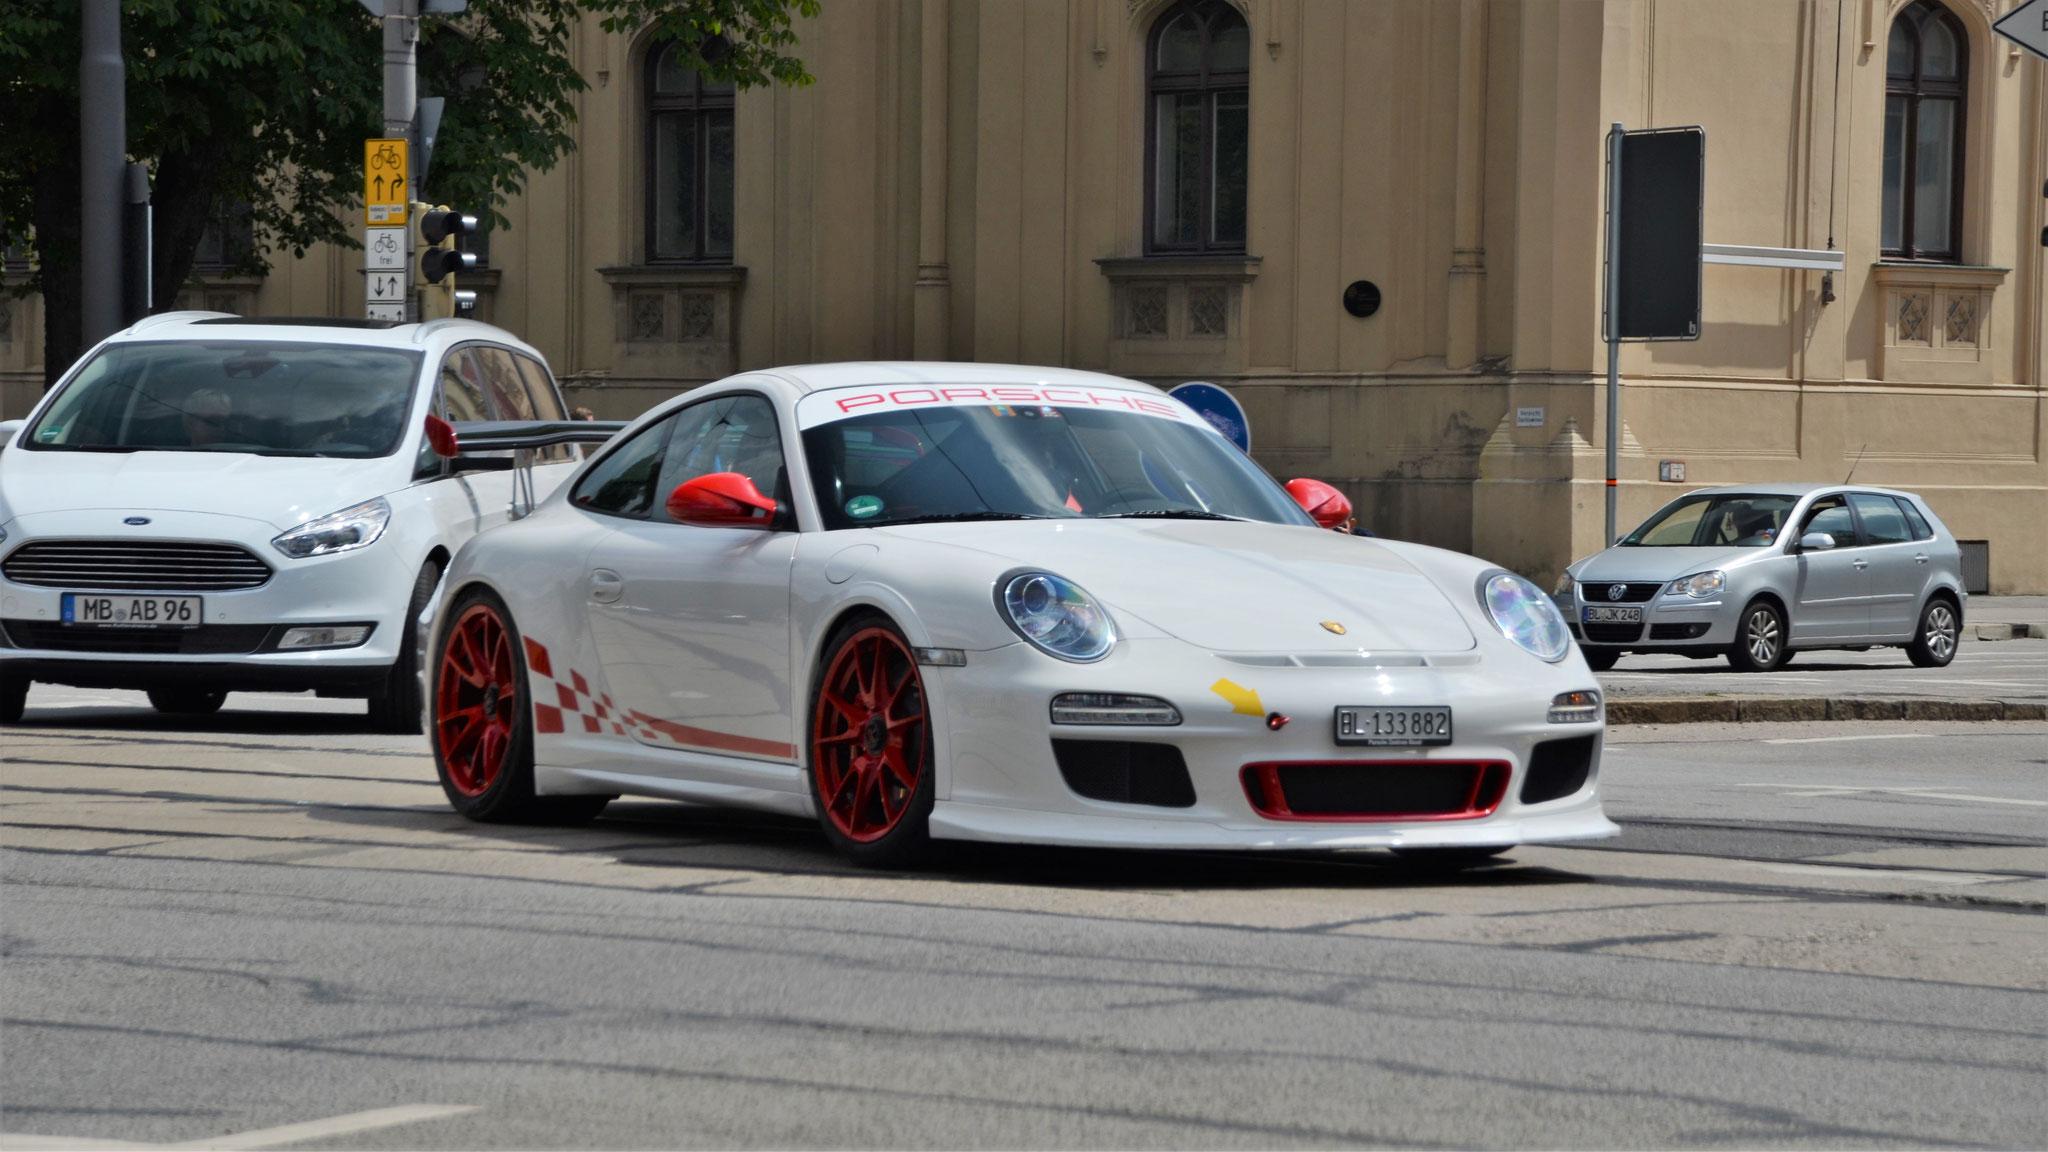 Porsche 911 GT3 RS - BL-133882 (CH)